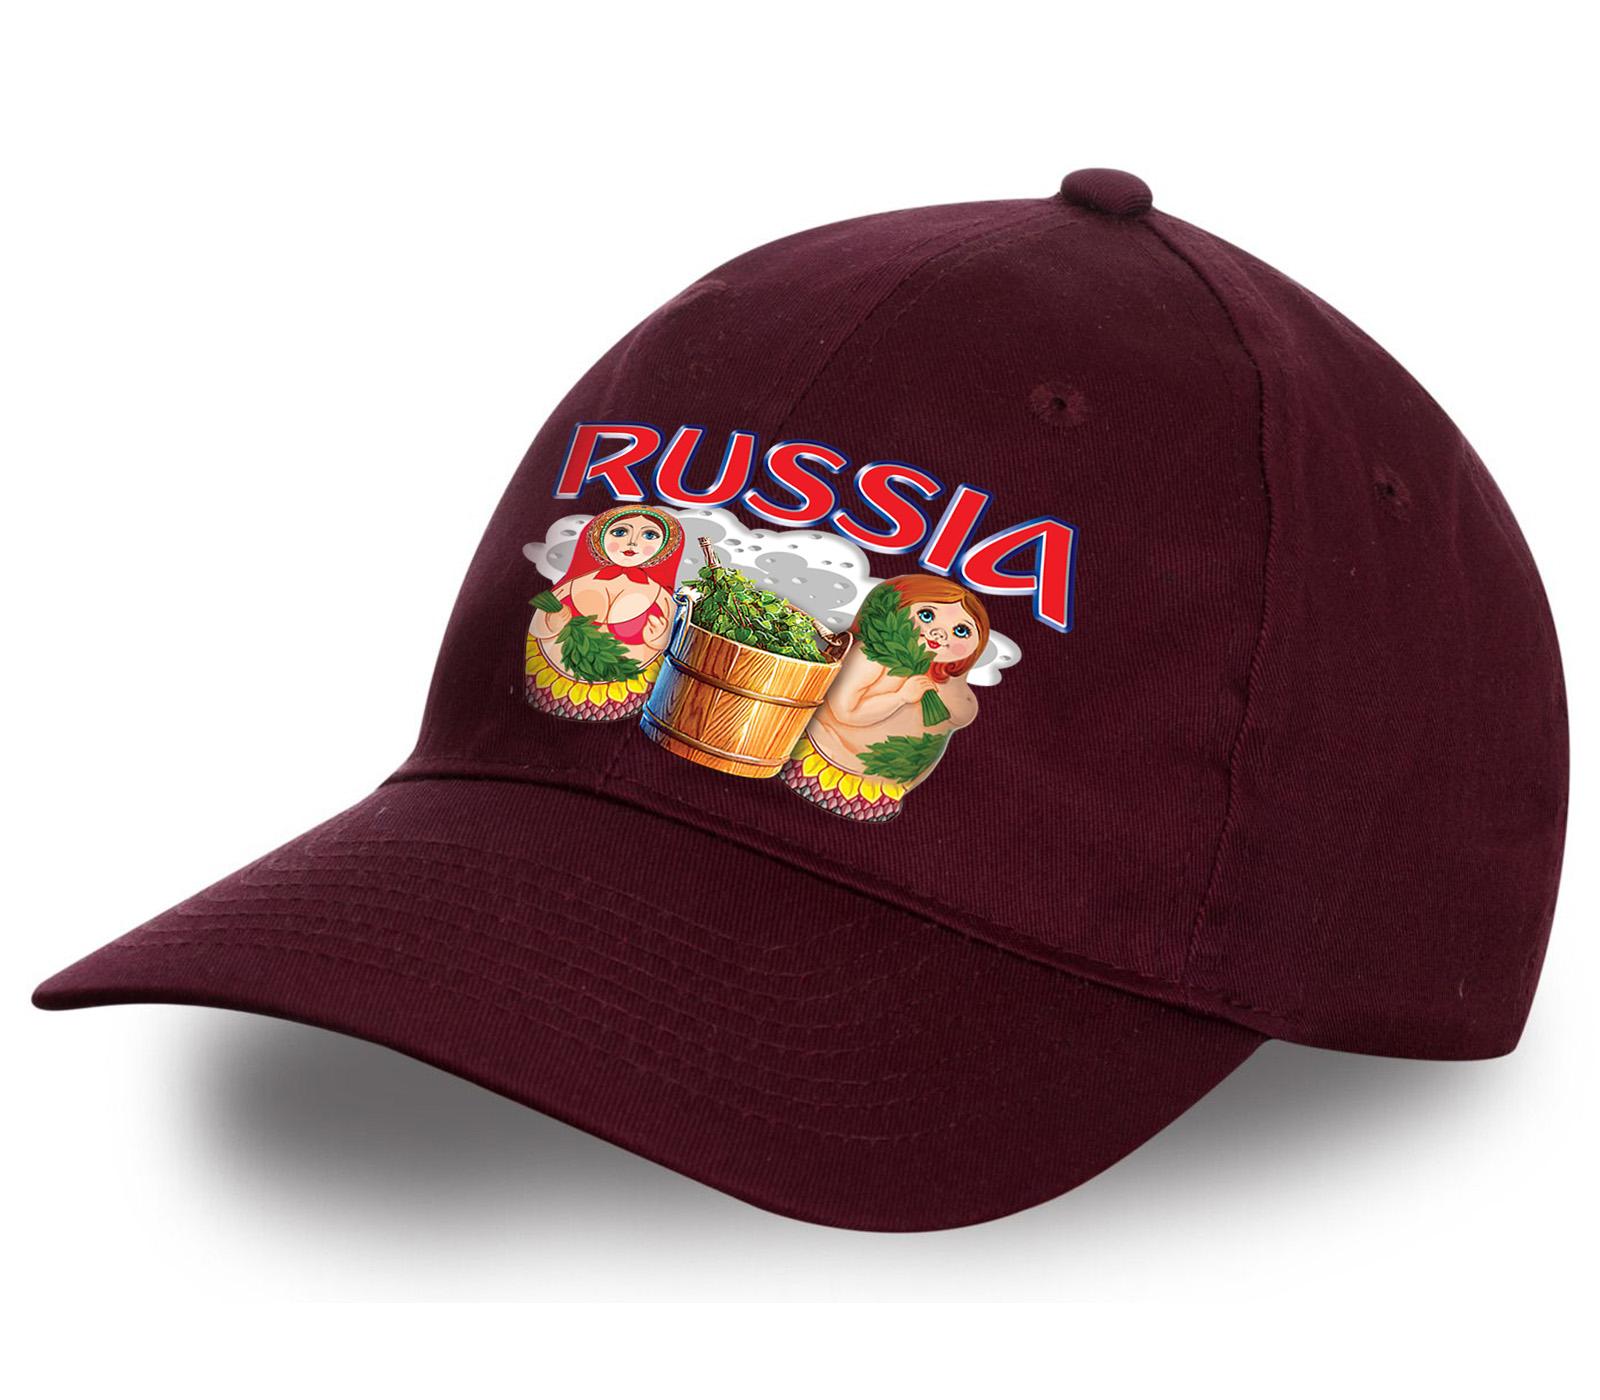 """Бейсболка для истинных патриотов - """"Russia матрешки"""". Яркая, качественная, современная! Достойный презент для себя или в подарок!"""